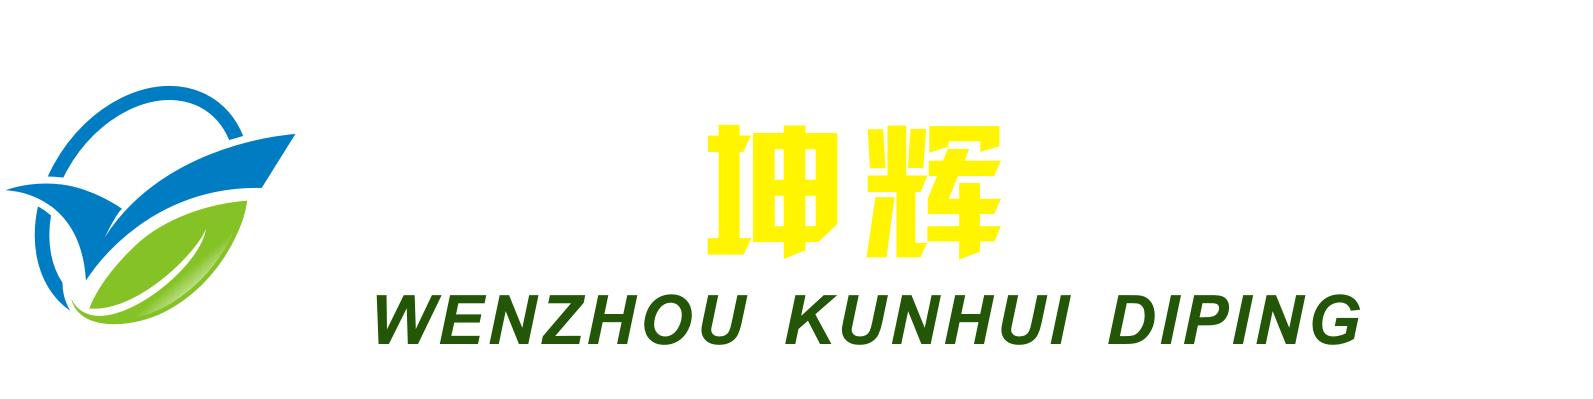 温州APP自助领取彩金38装饰有限公司